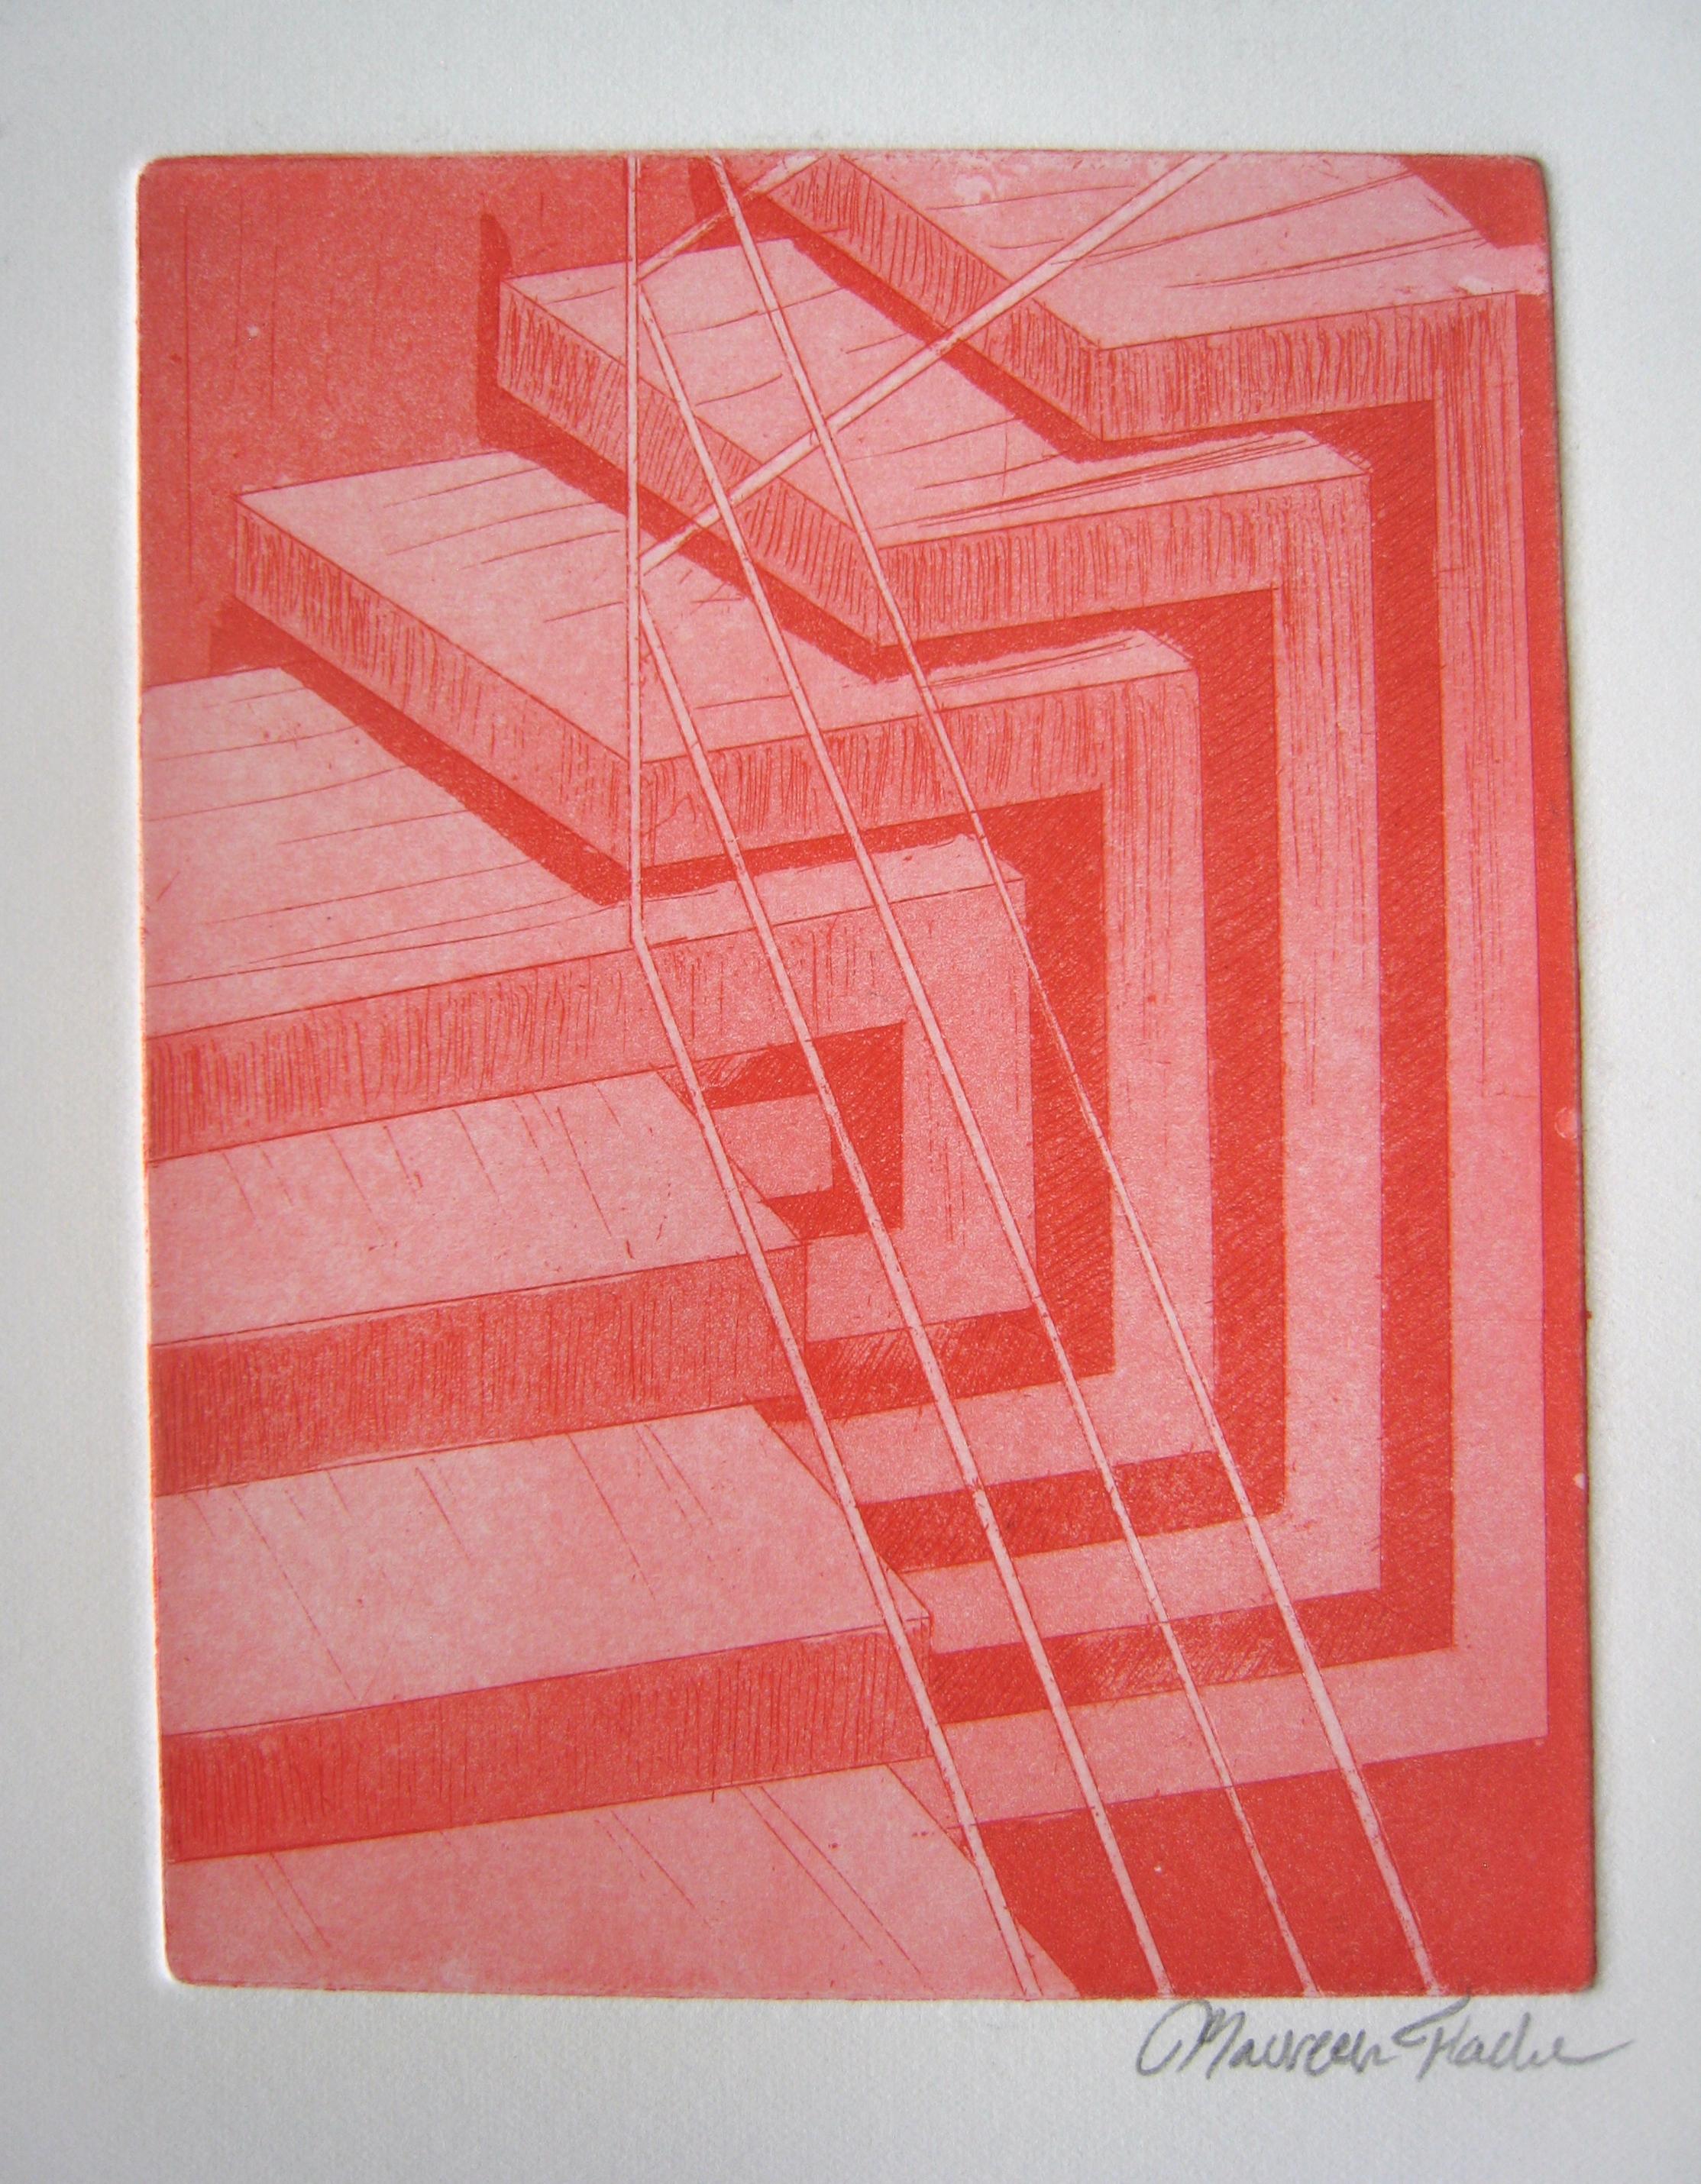 Maureen Flacke, print, 2014